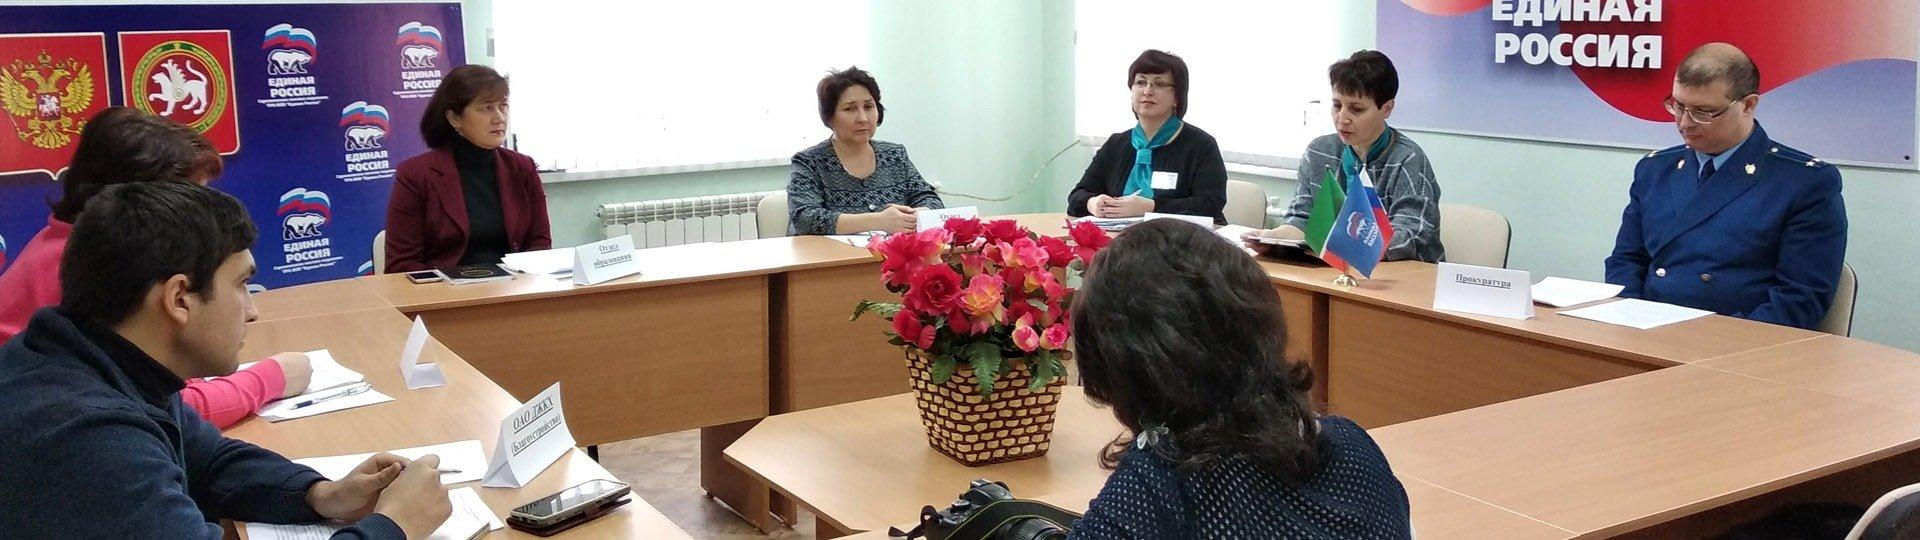 Центр занятости населения в Тимашевске